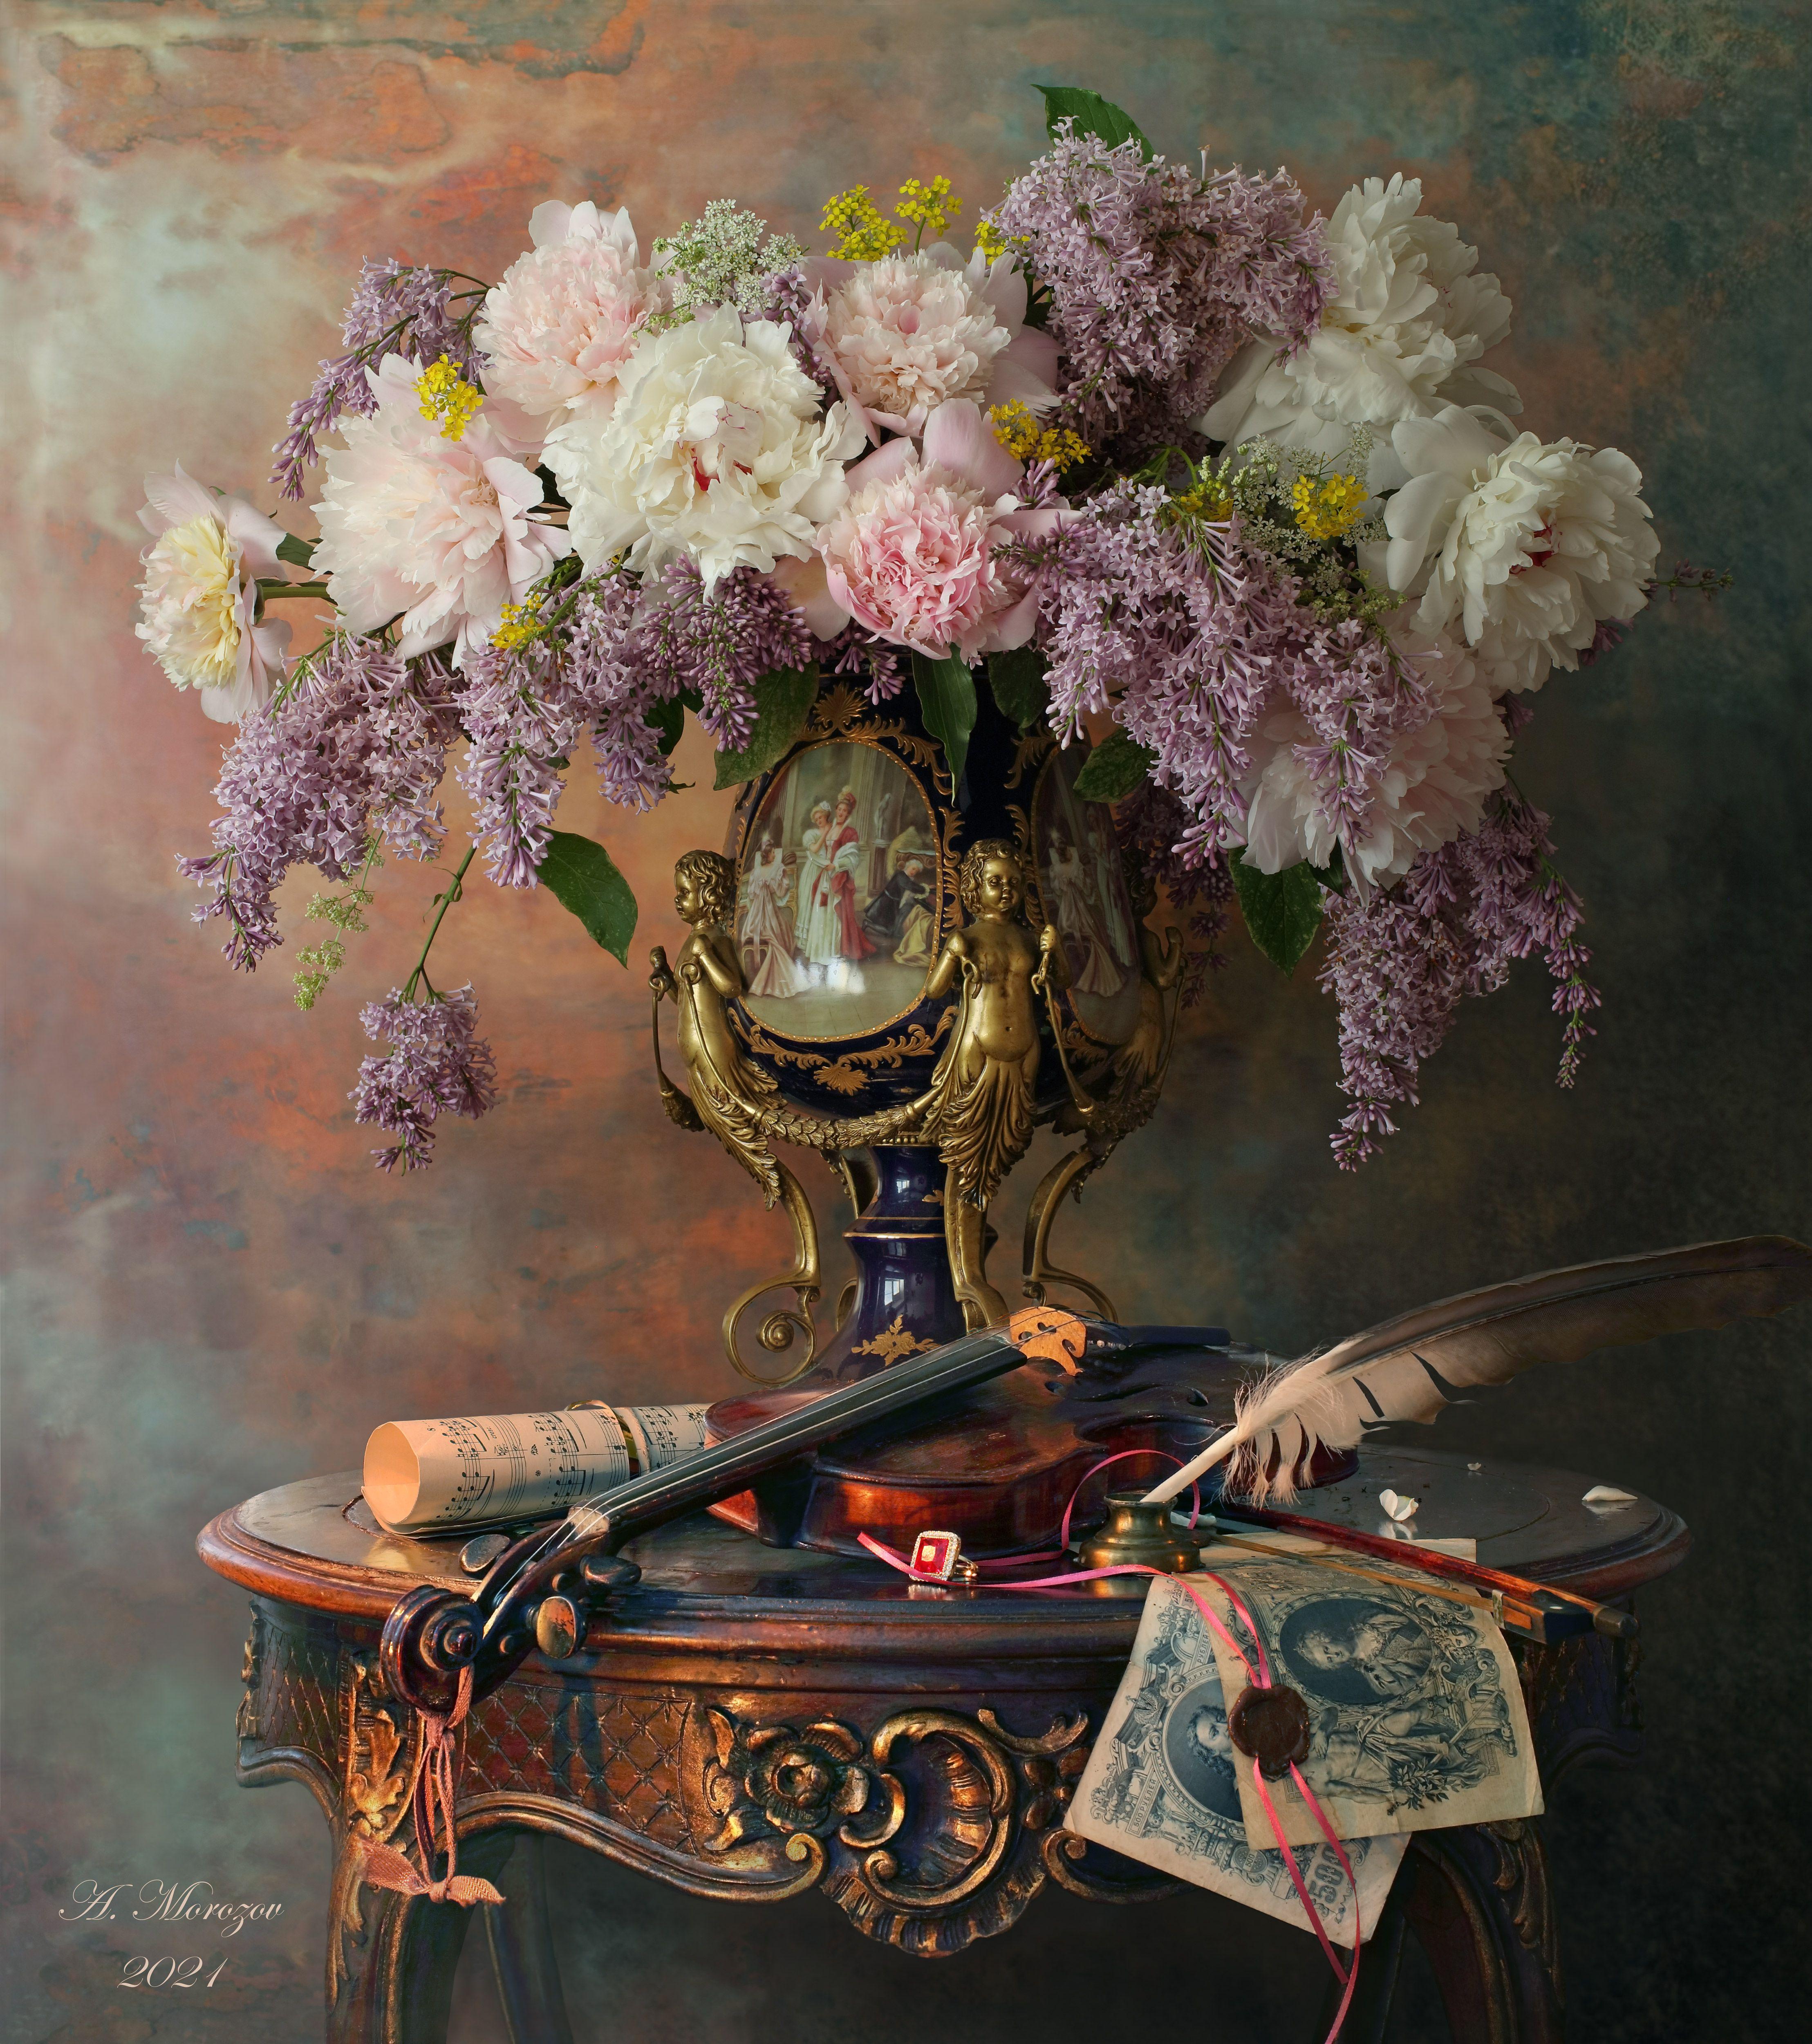 цветы, сирень, пионы, ваза, скрипка, музыка, перо, Морозов Андрей